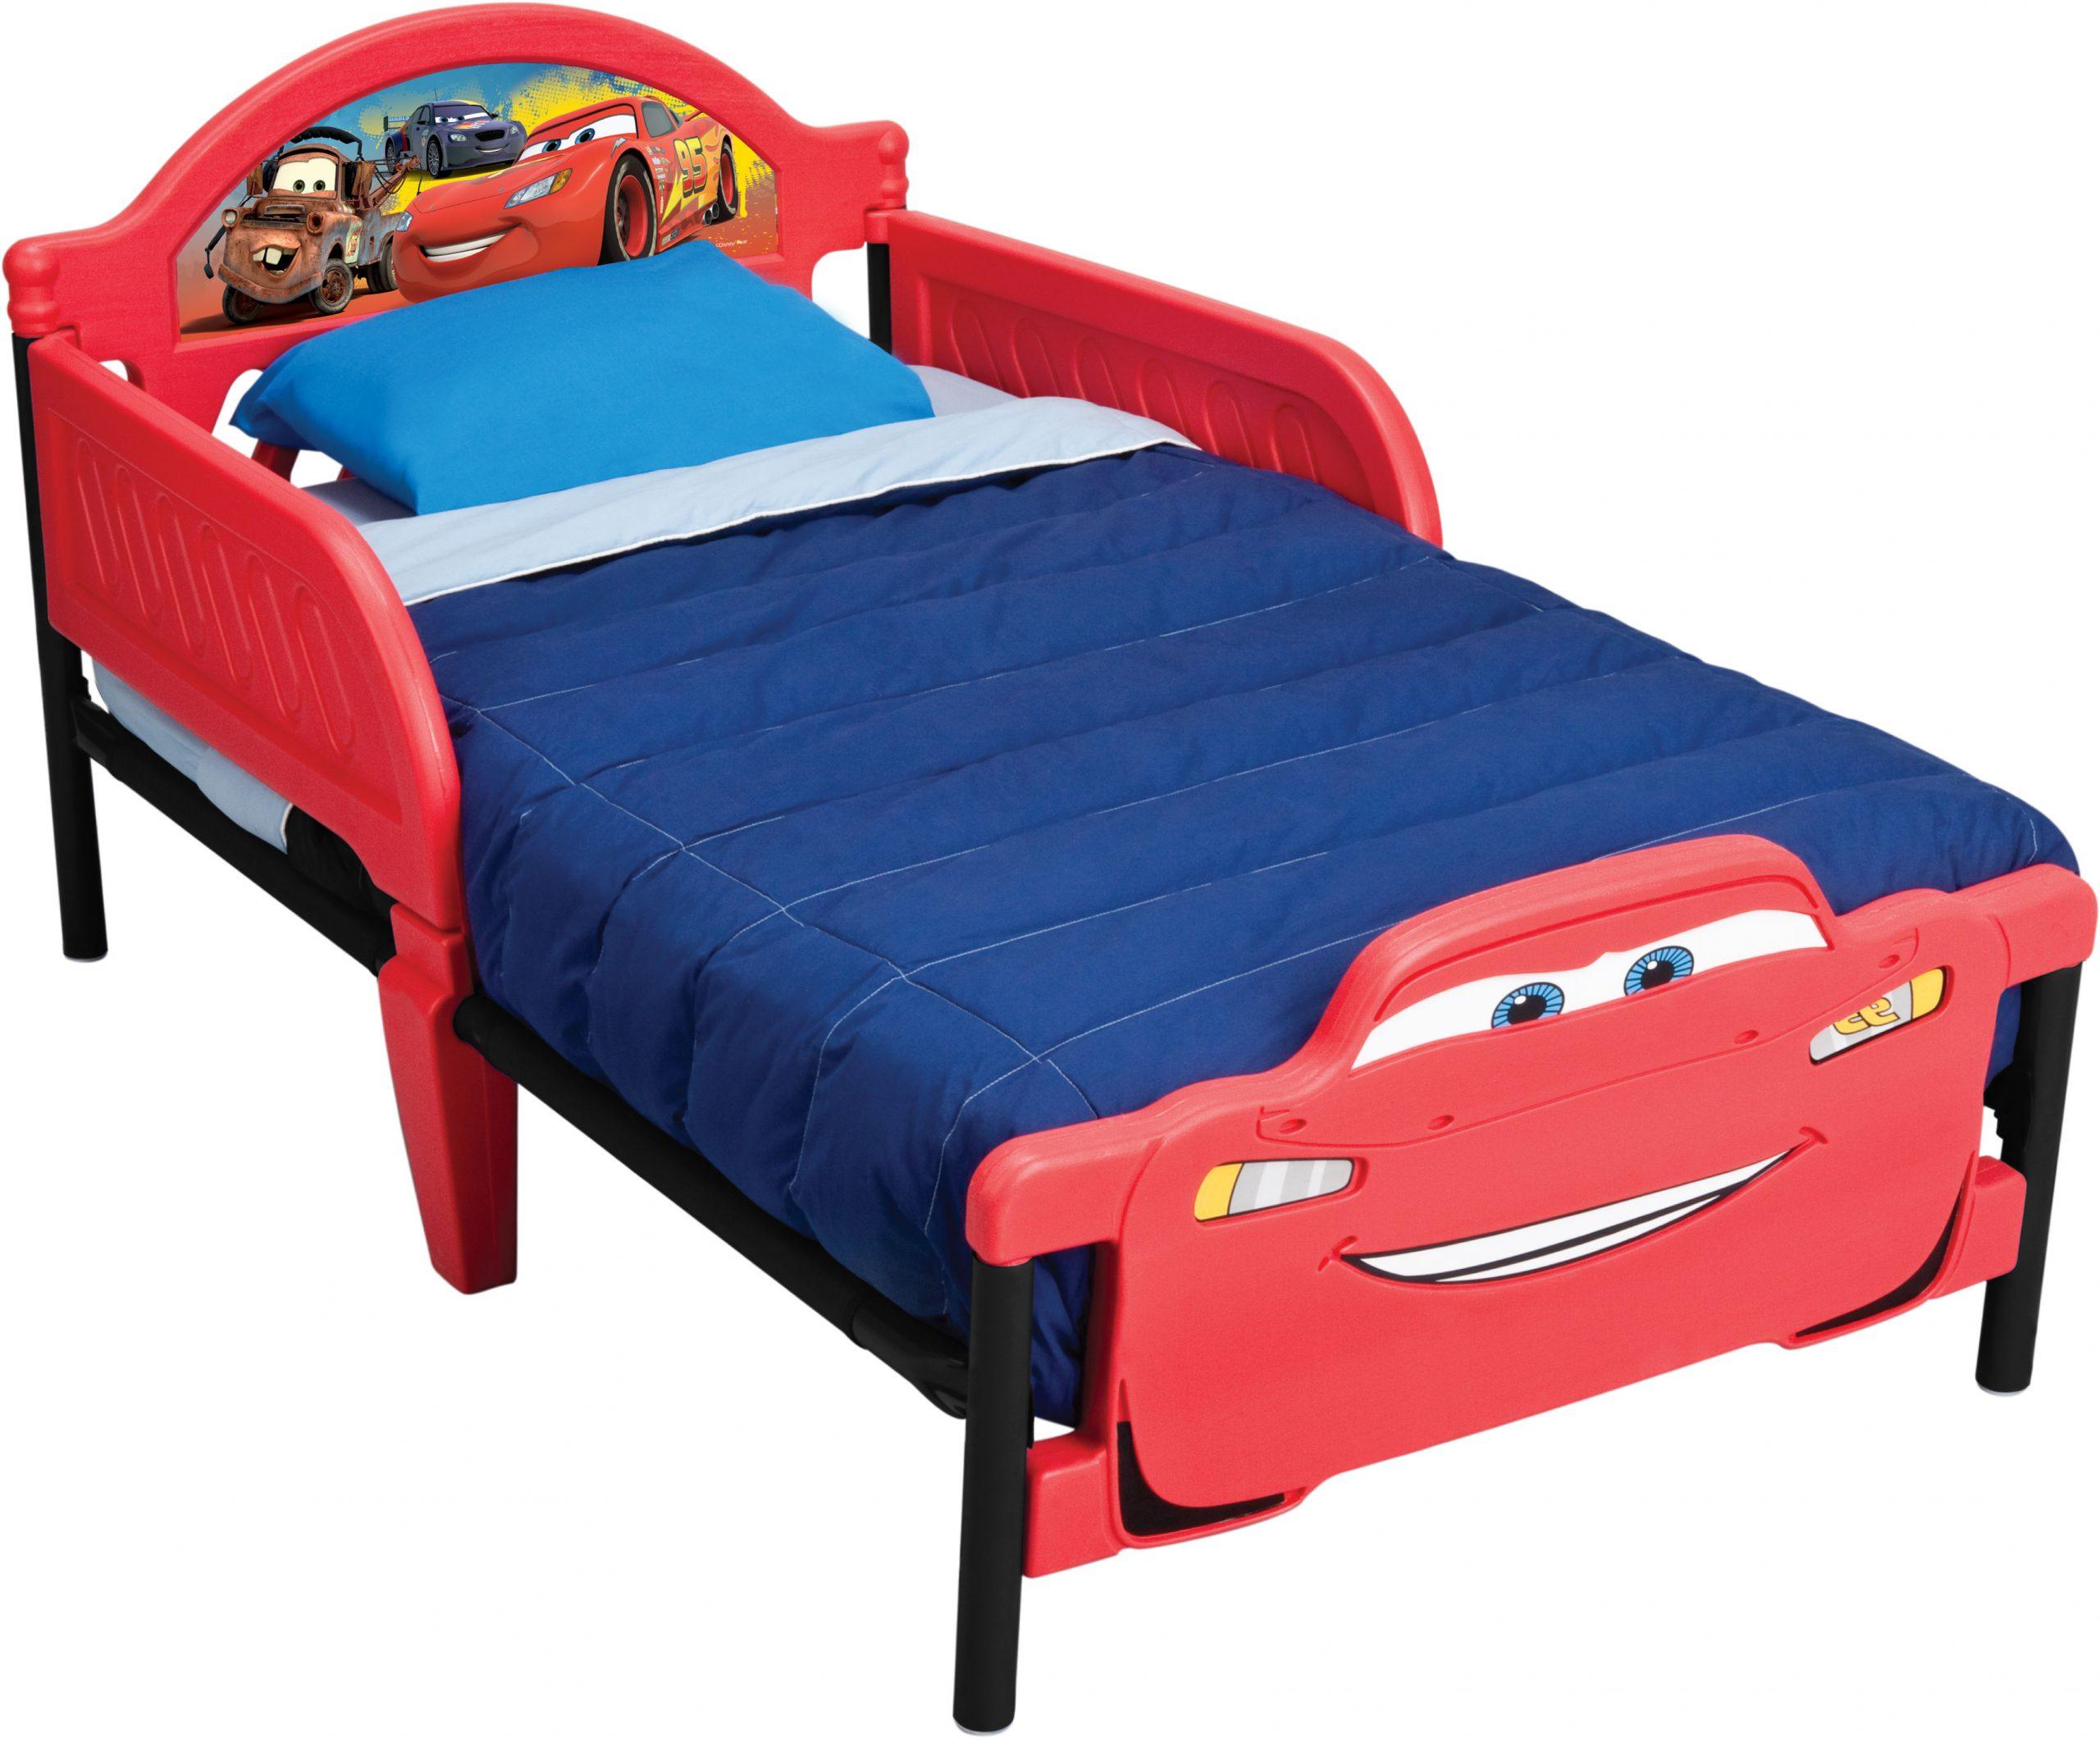 Full Size of Kinderbett Jugendbett Kindermbel Disney 70x140 Bett Minnie Liegehöhe 60 Cm Mit Gästebett Hasena Japanisches Platzsparend Stabiles Betten Aufbewahrung Bett Cars Bett